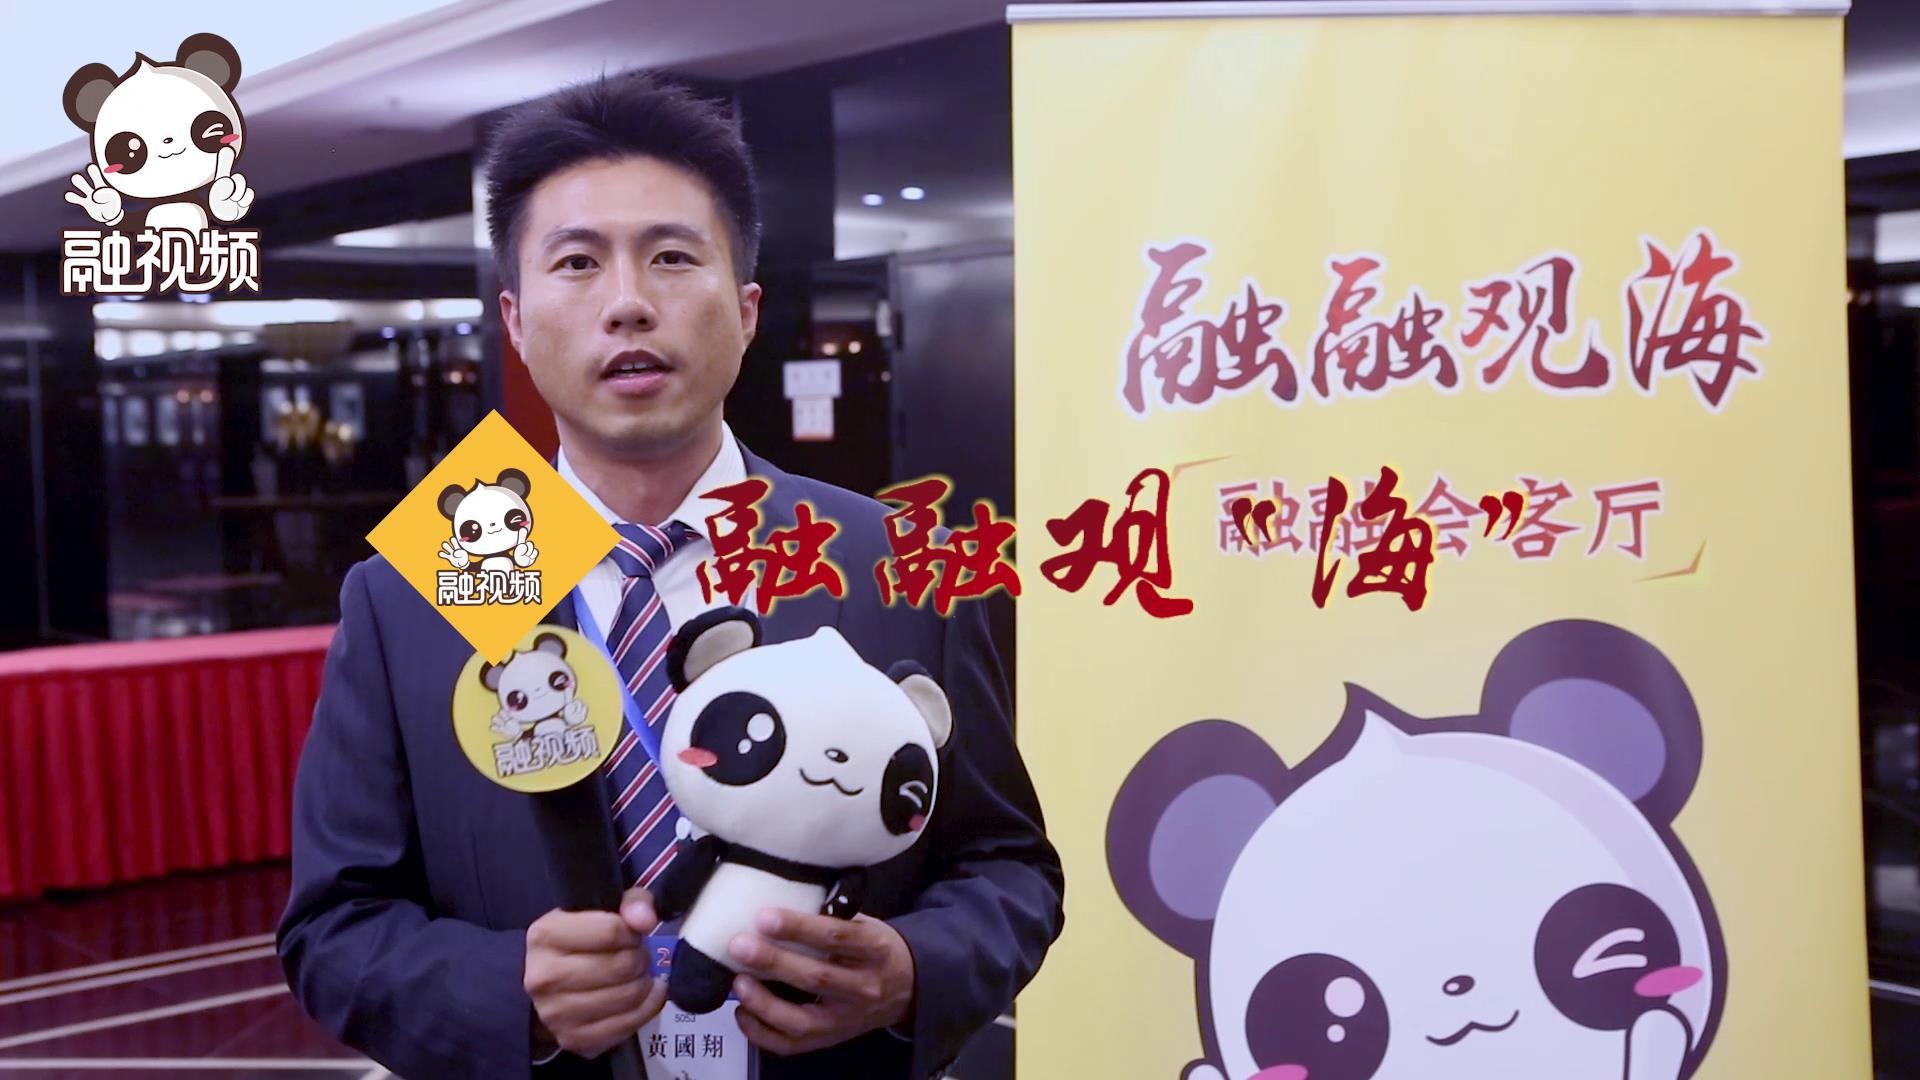 上海台协理事黄国翔:大陆市场广阔,台青要多来走走看看图片